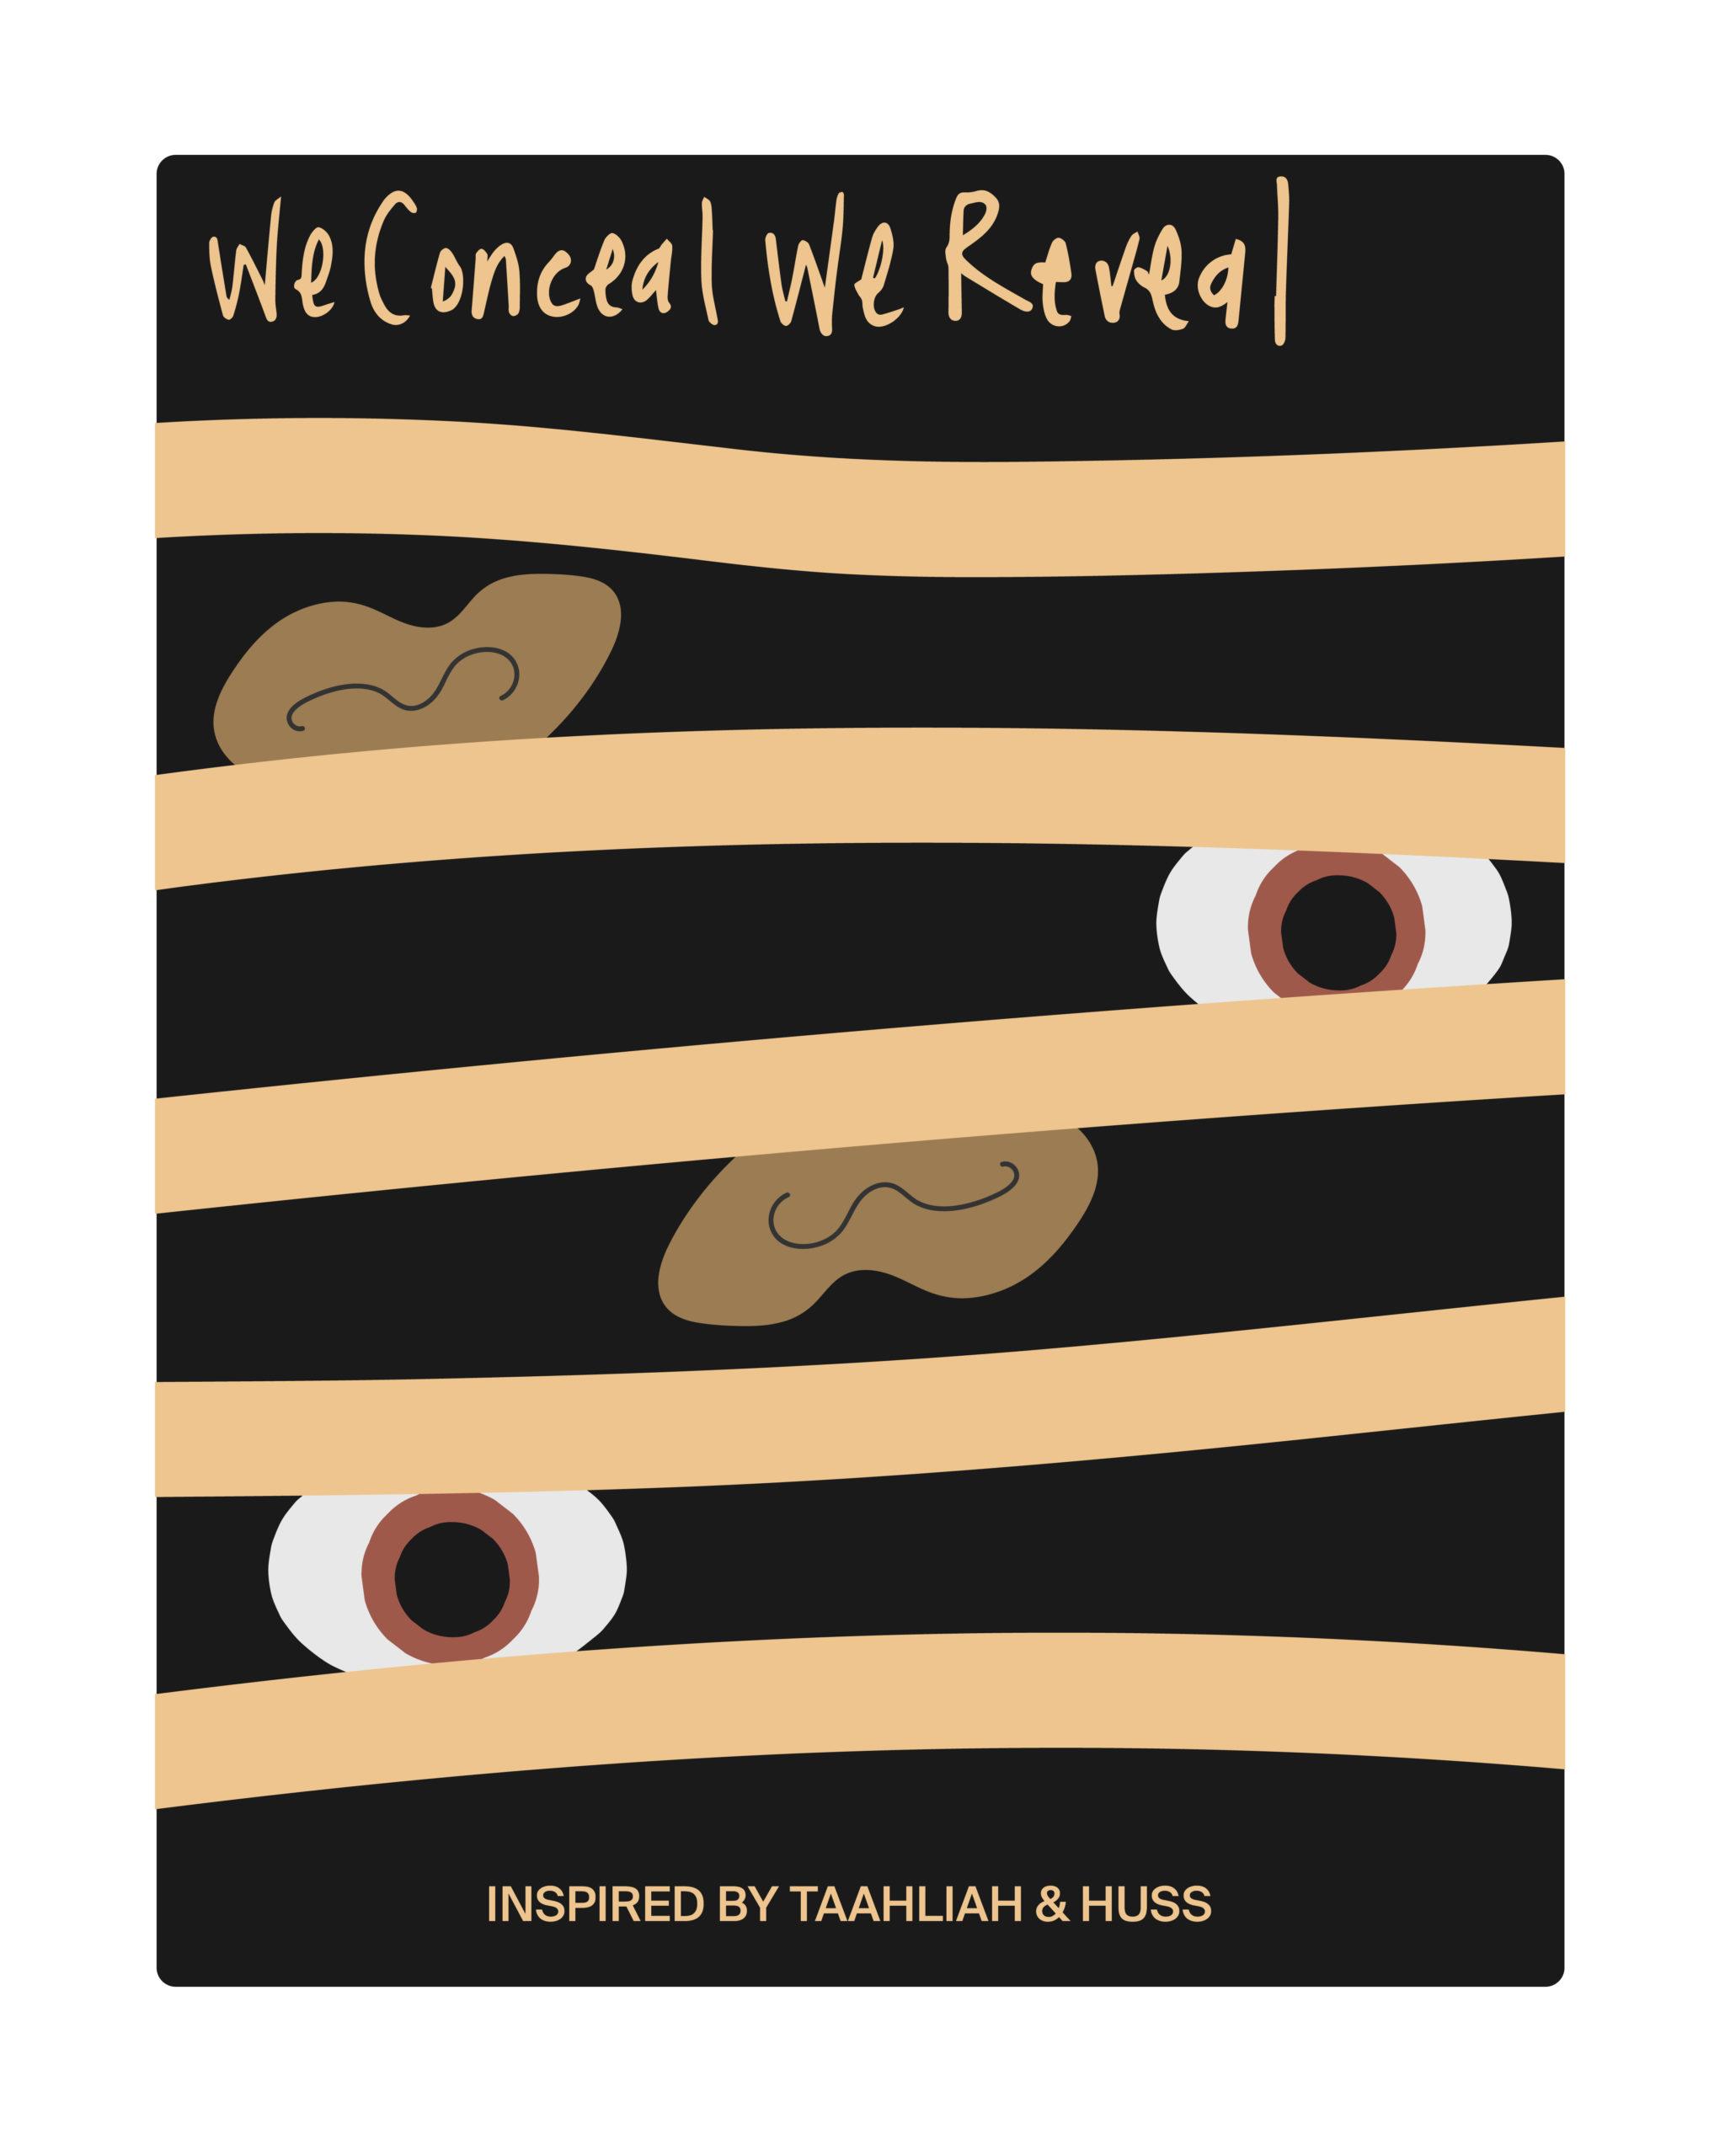 We Conceal, We Reveal